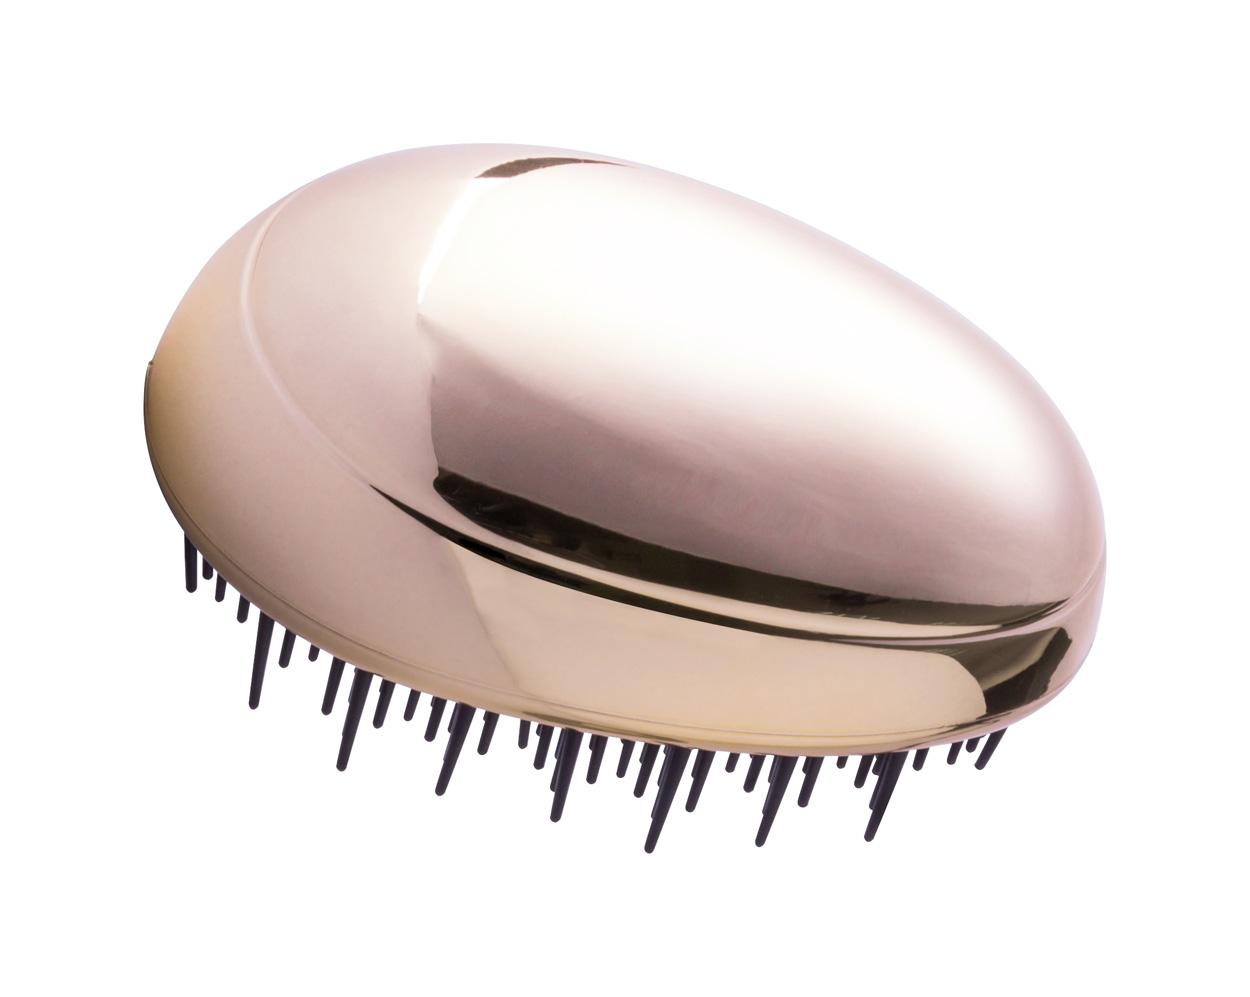 Tramux spazzola per capelli